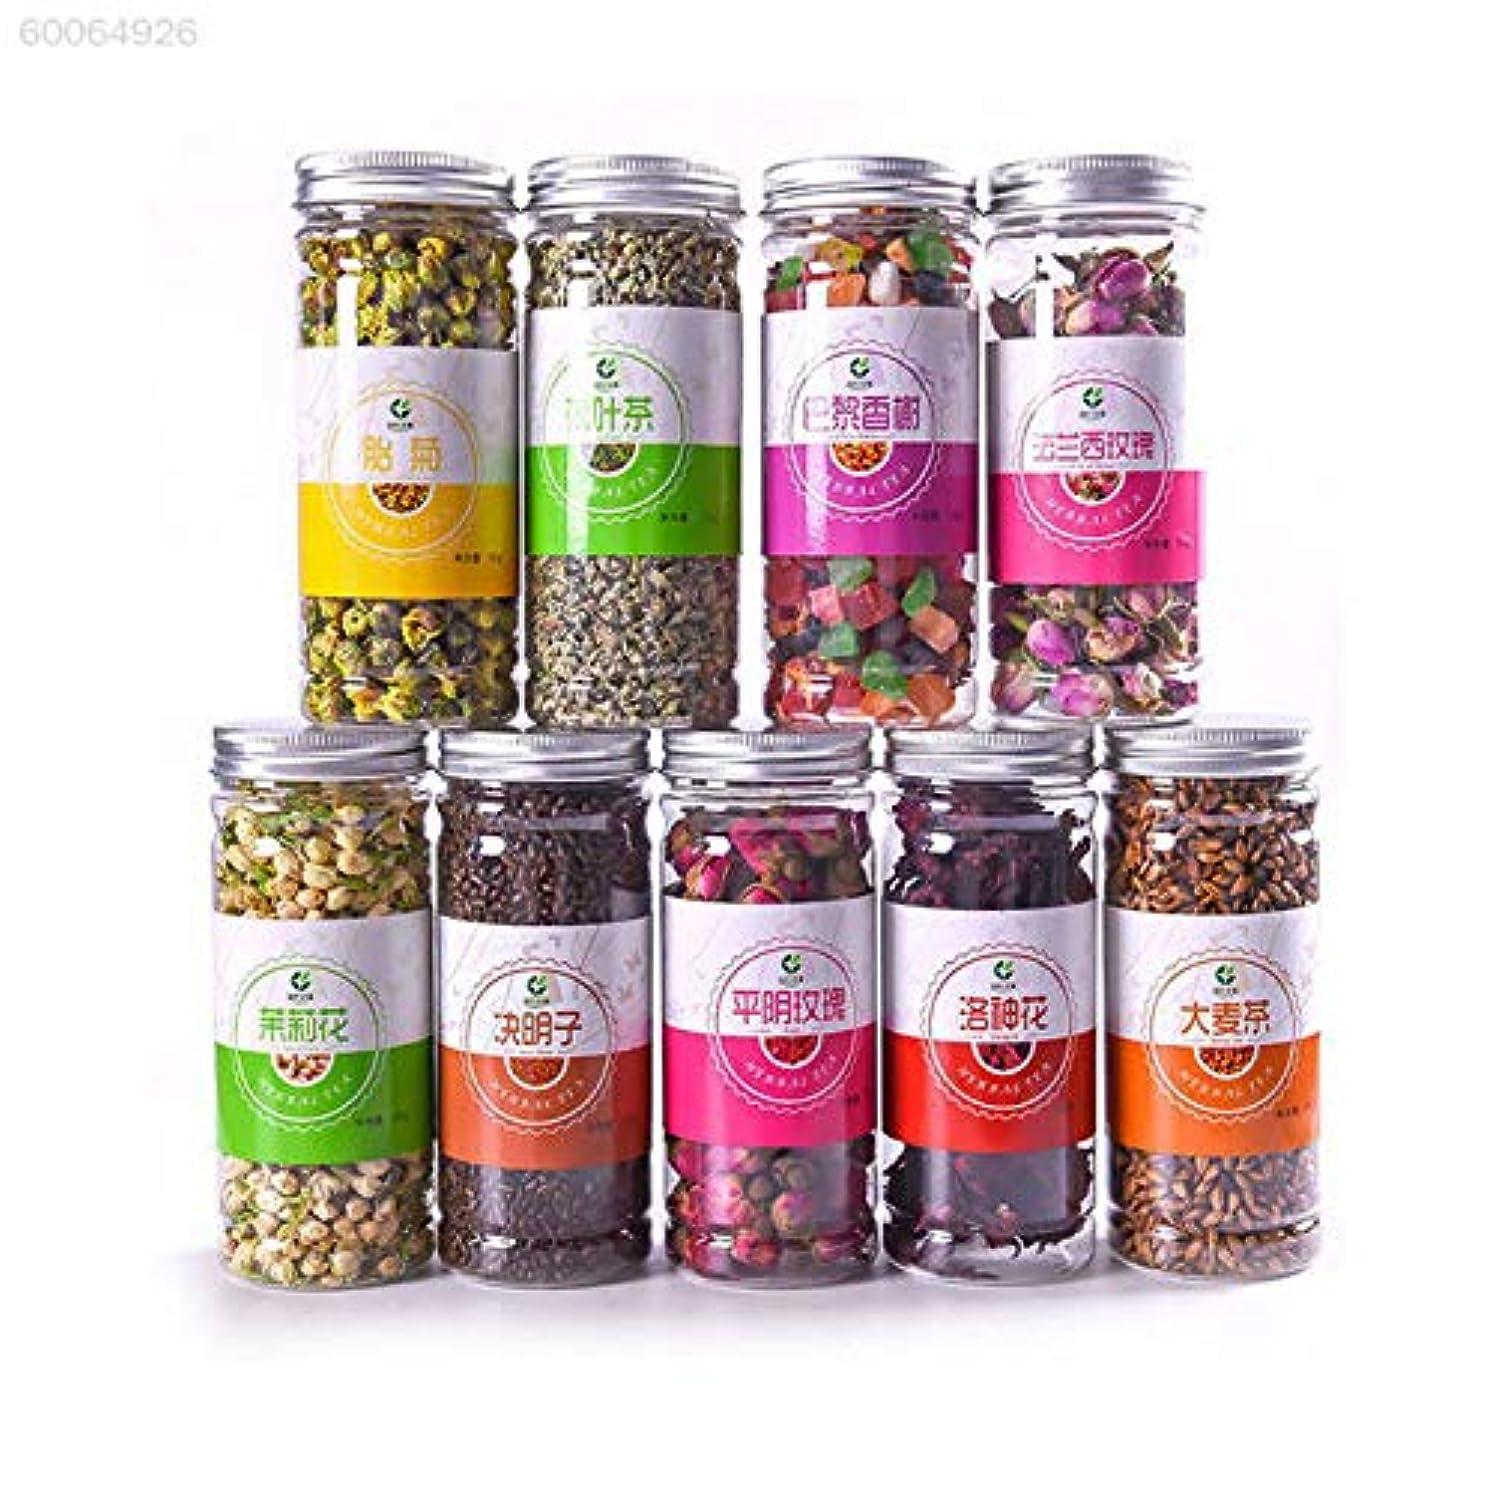 コードレス流行溶ける種子パッケージ:オレンジピール70G:232D30G20GRose香り